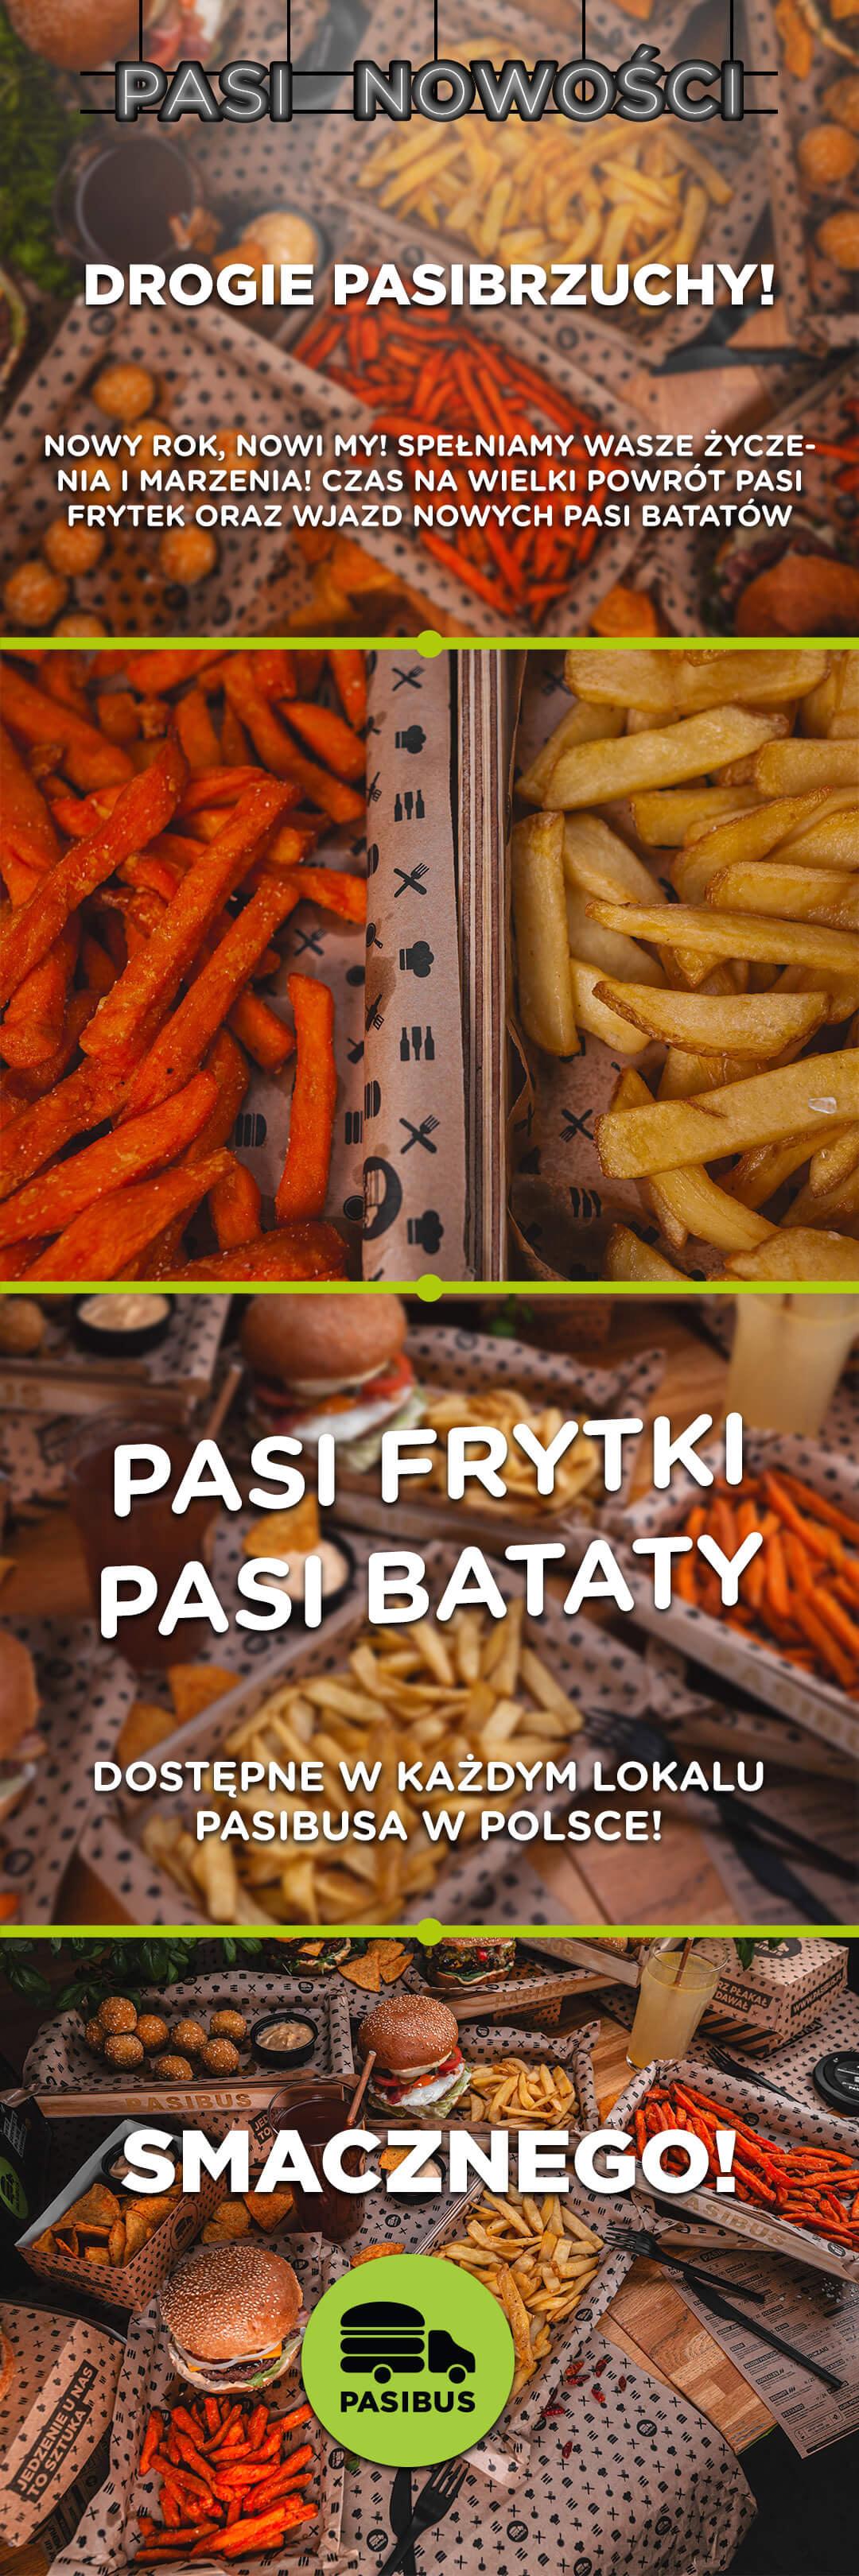 Nowość w Pasibus - Pasi bataty i powrót Pasi frytek